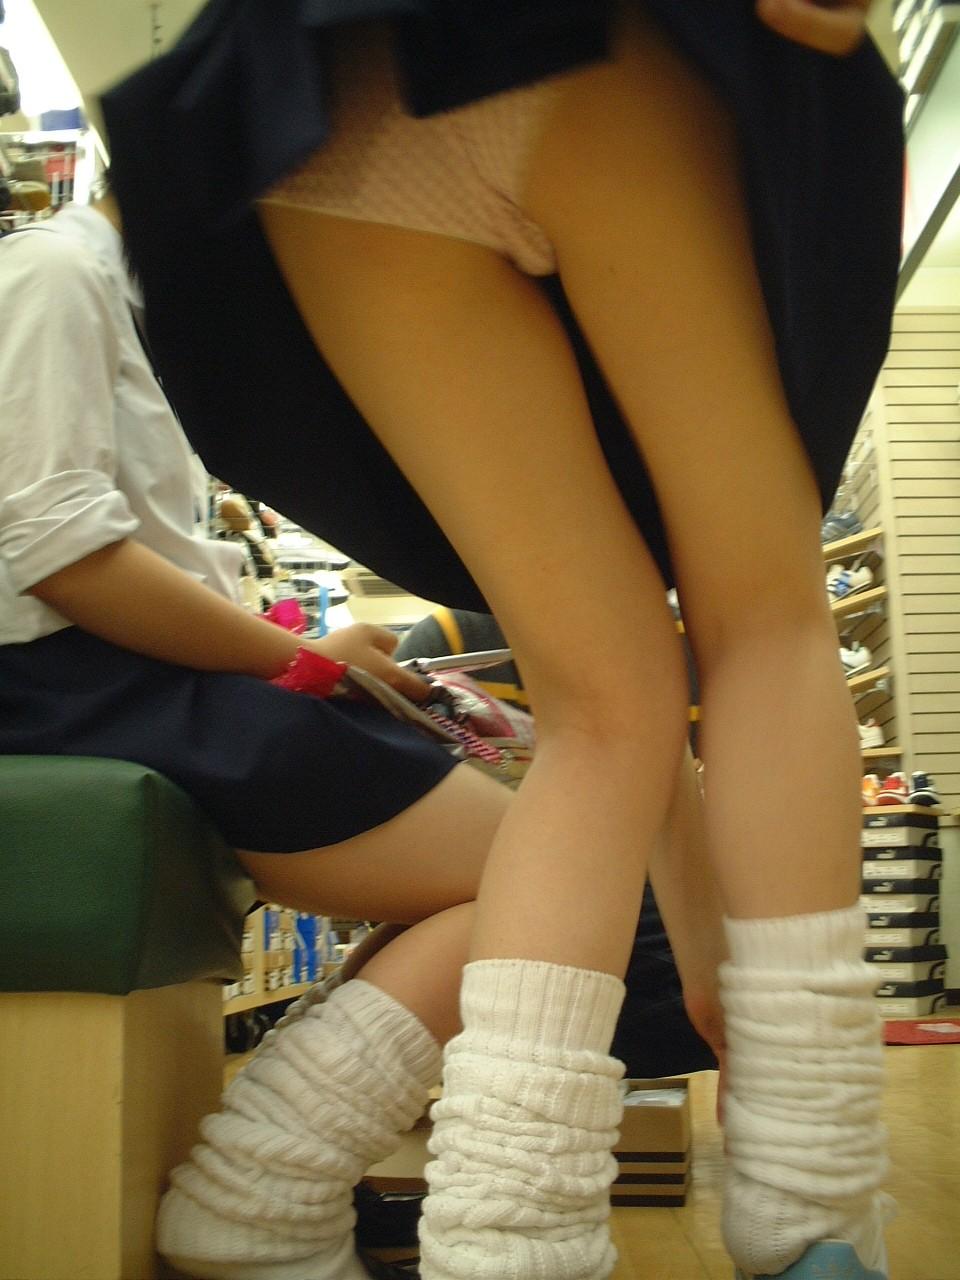 【JKパンチラ画像】短いスカートで無自覚に挑発してくるJKのパンチラ画像 09